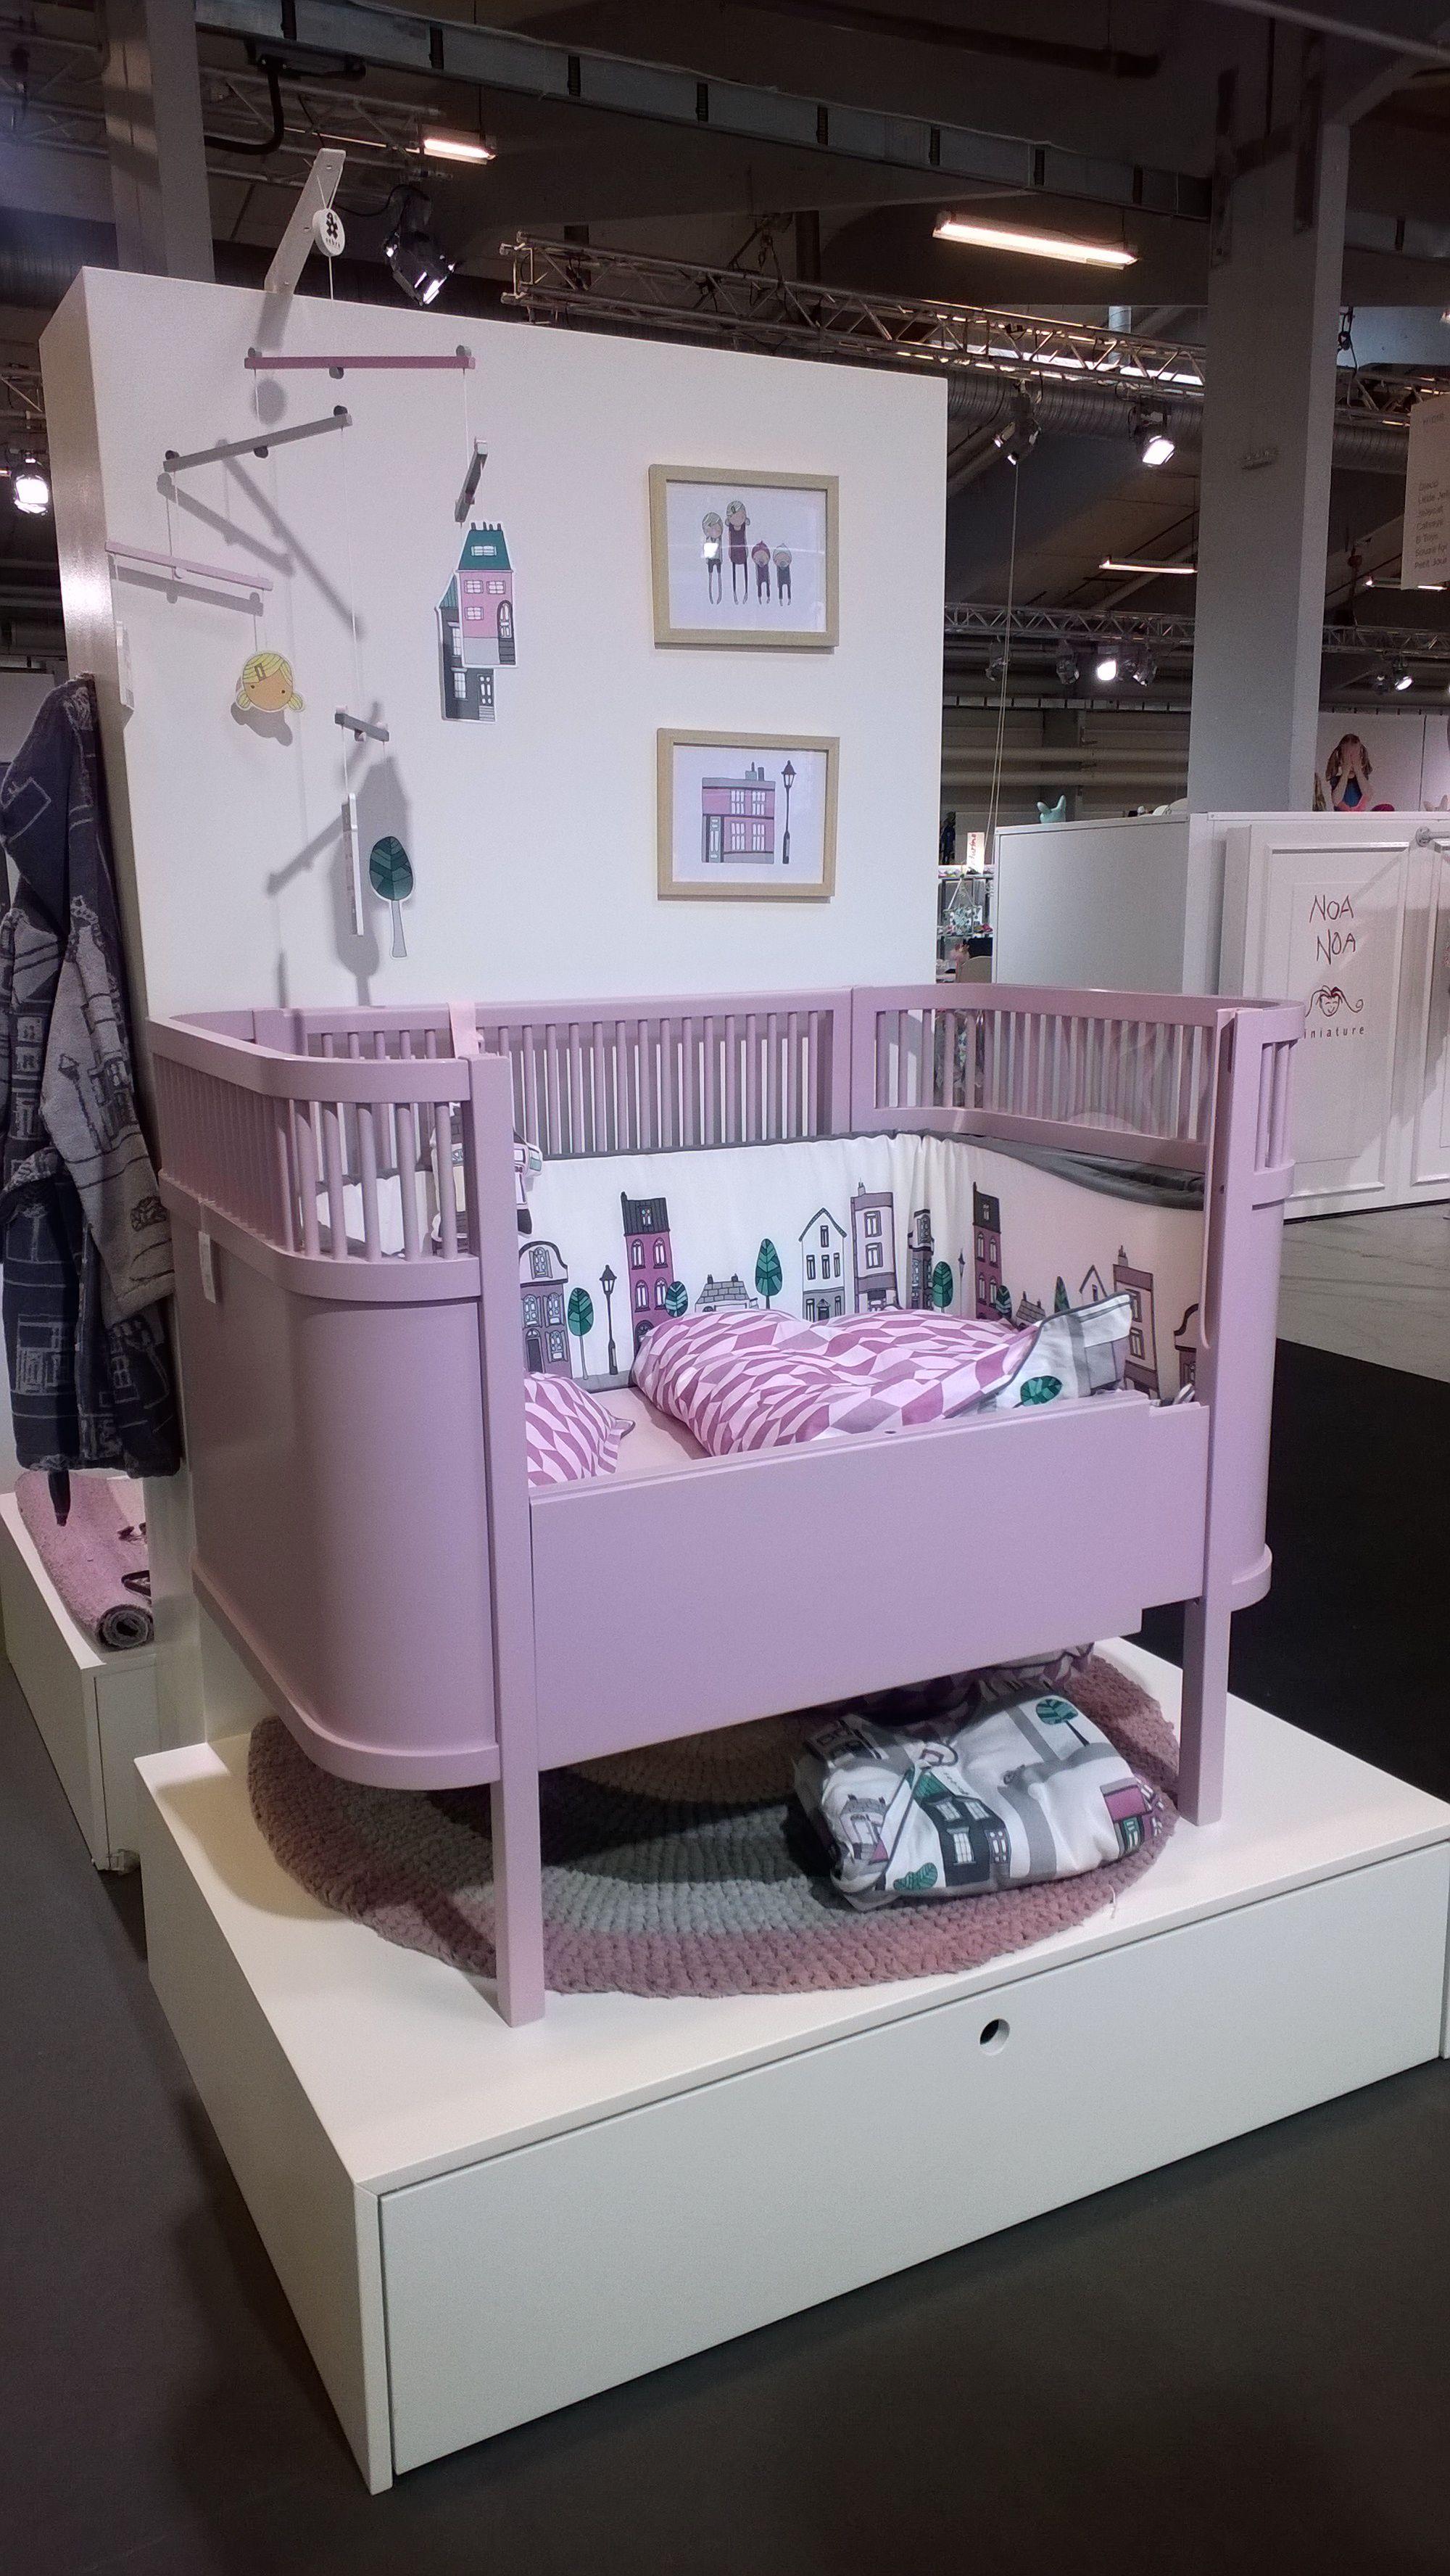 sebra kili bed nieuwe village collectie muuskes slaap kindje slaap pinterest. Black Bedroom Furniture Sets. Home Design Ideas